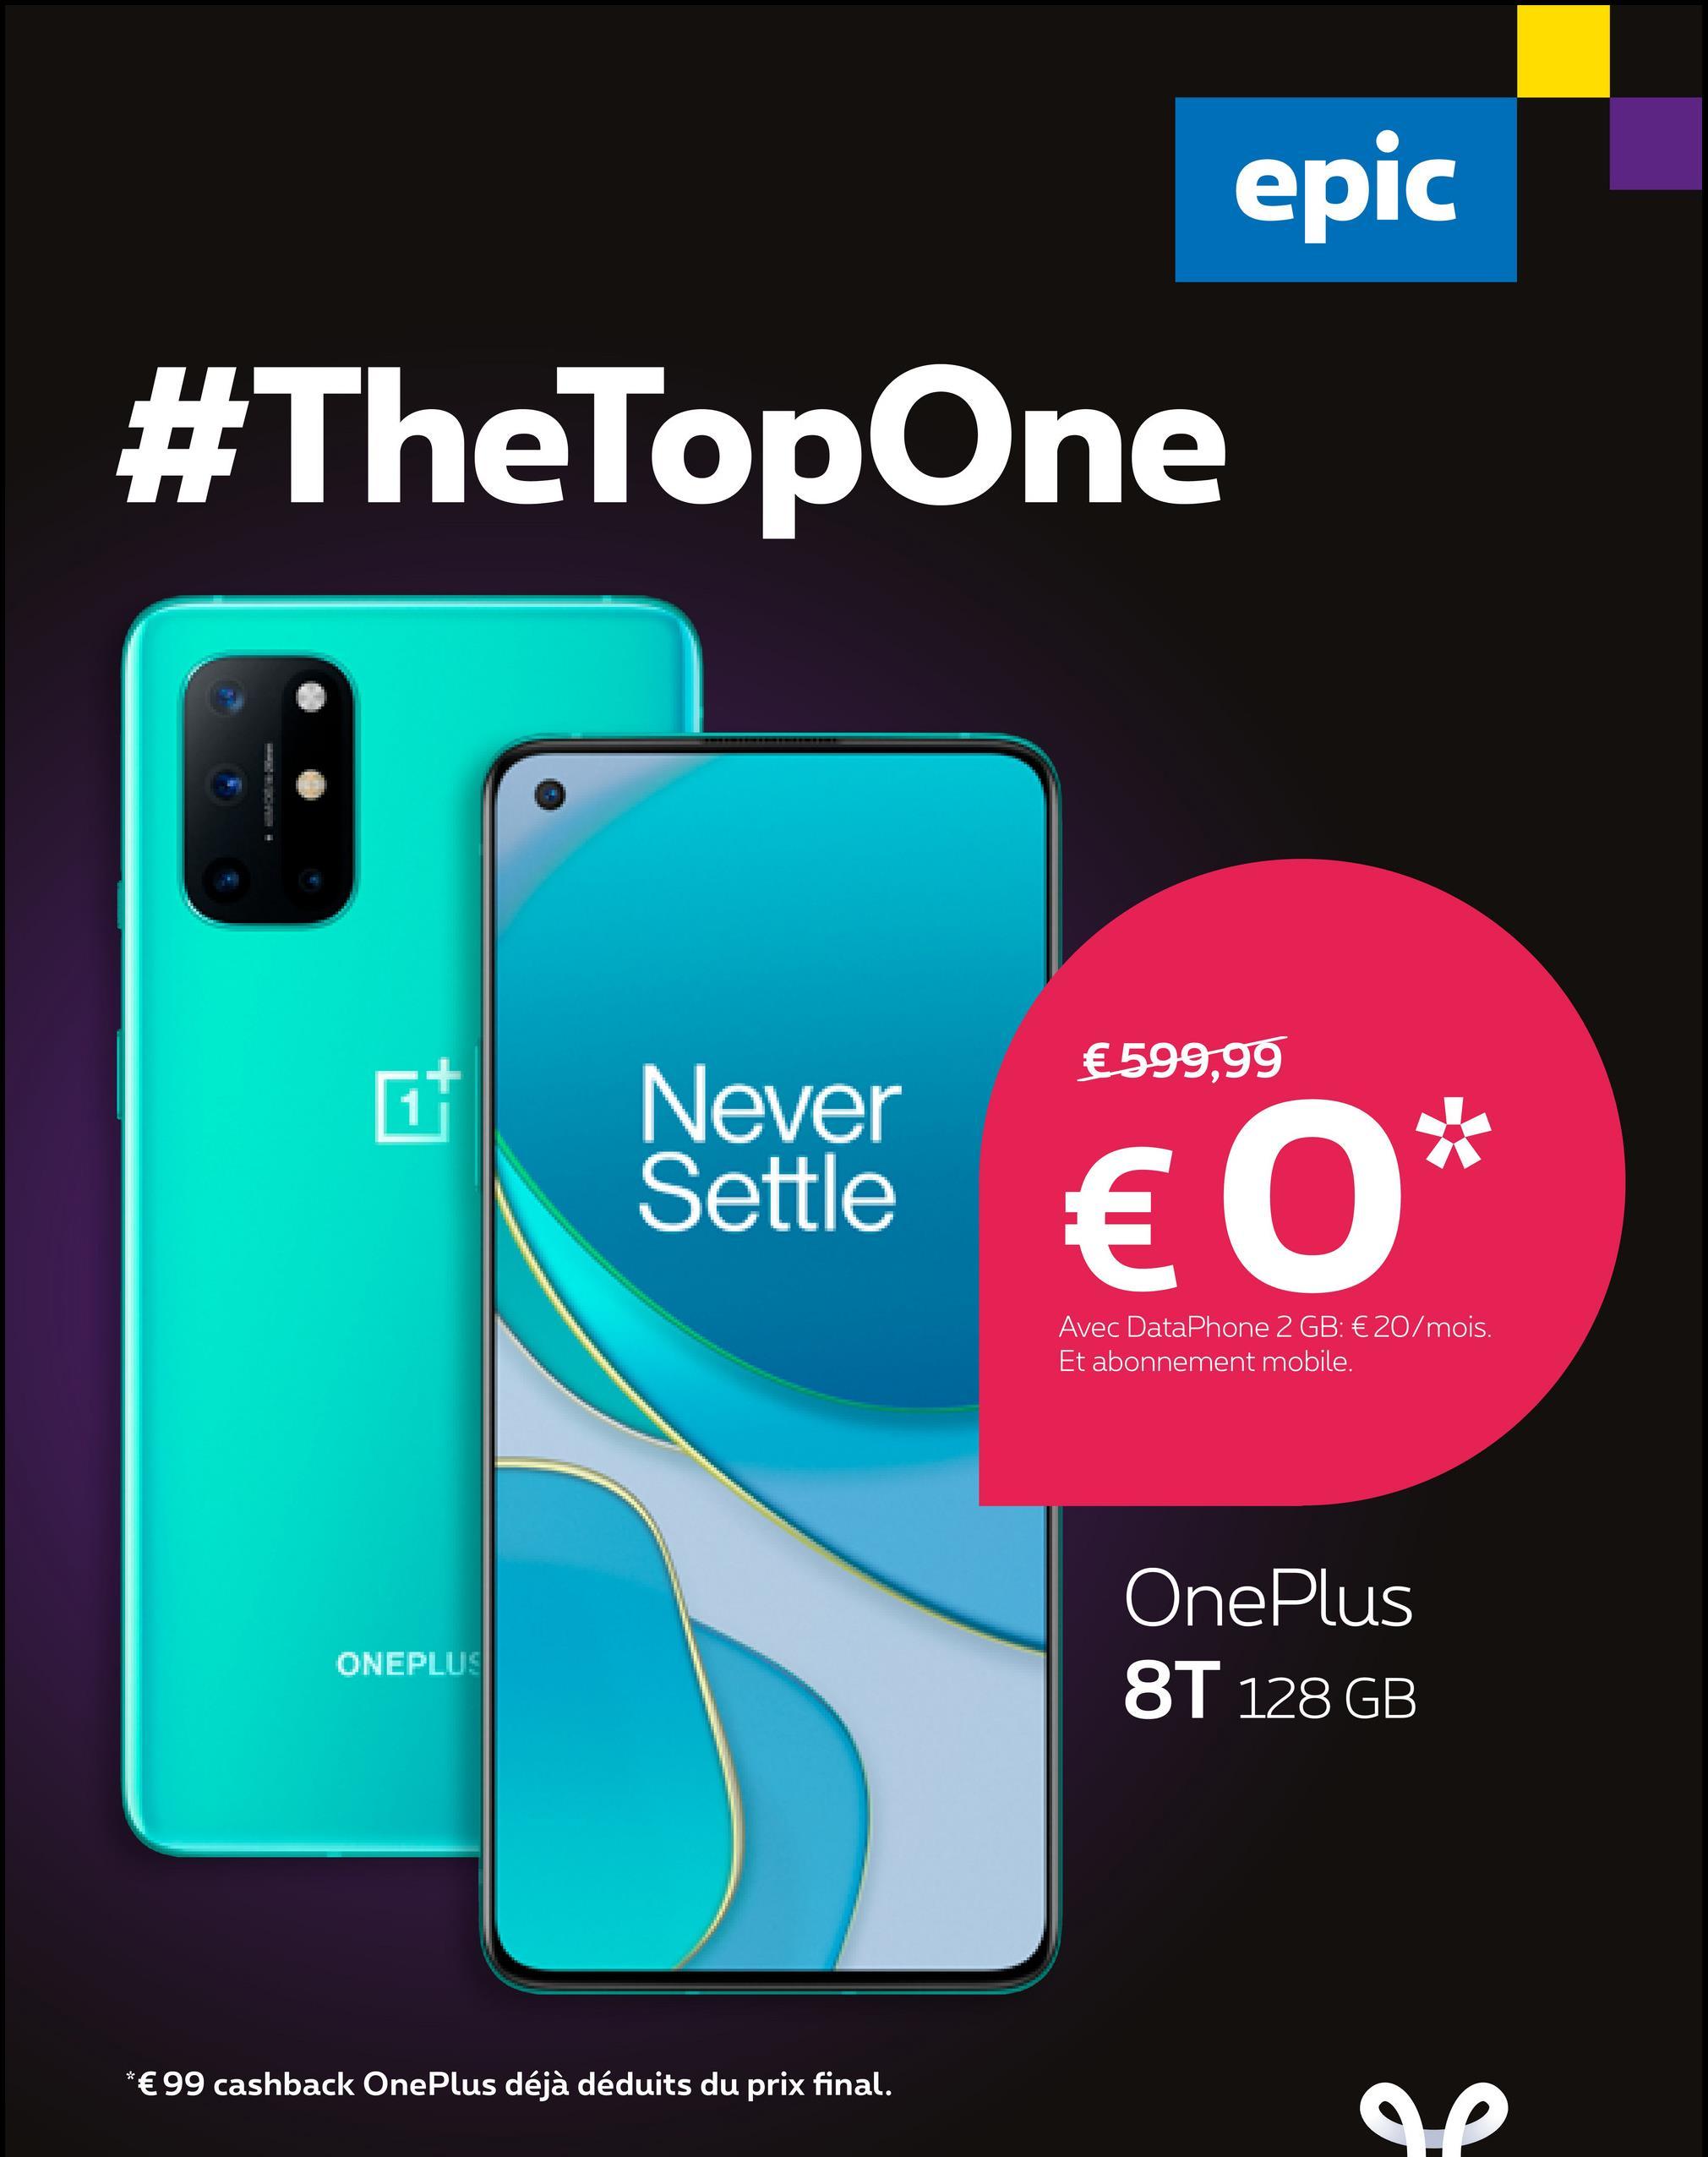 epic #TheTop One €599,99 Never Settle € 0* Avec DataPhone 2 GB: € 20/mois. Et abonnement mobile. OnePlus 8T 128 GB ONEPLUS *€ 99 cashback OnePlus déjà déduits du prix final. AP